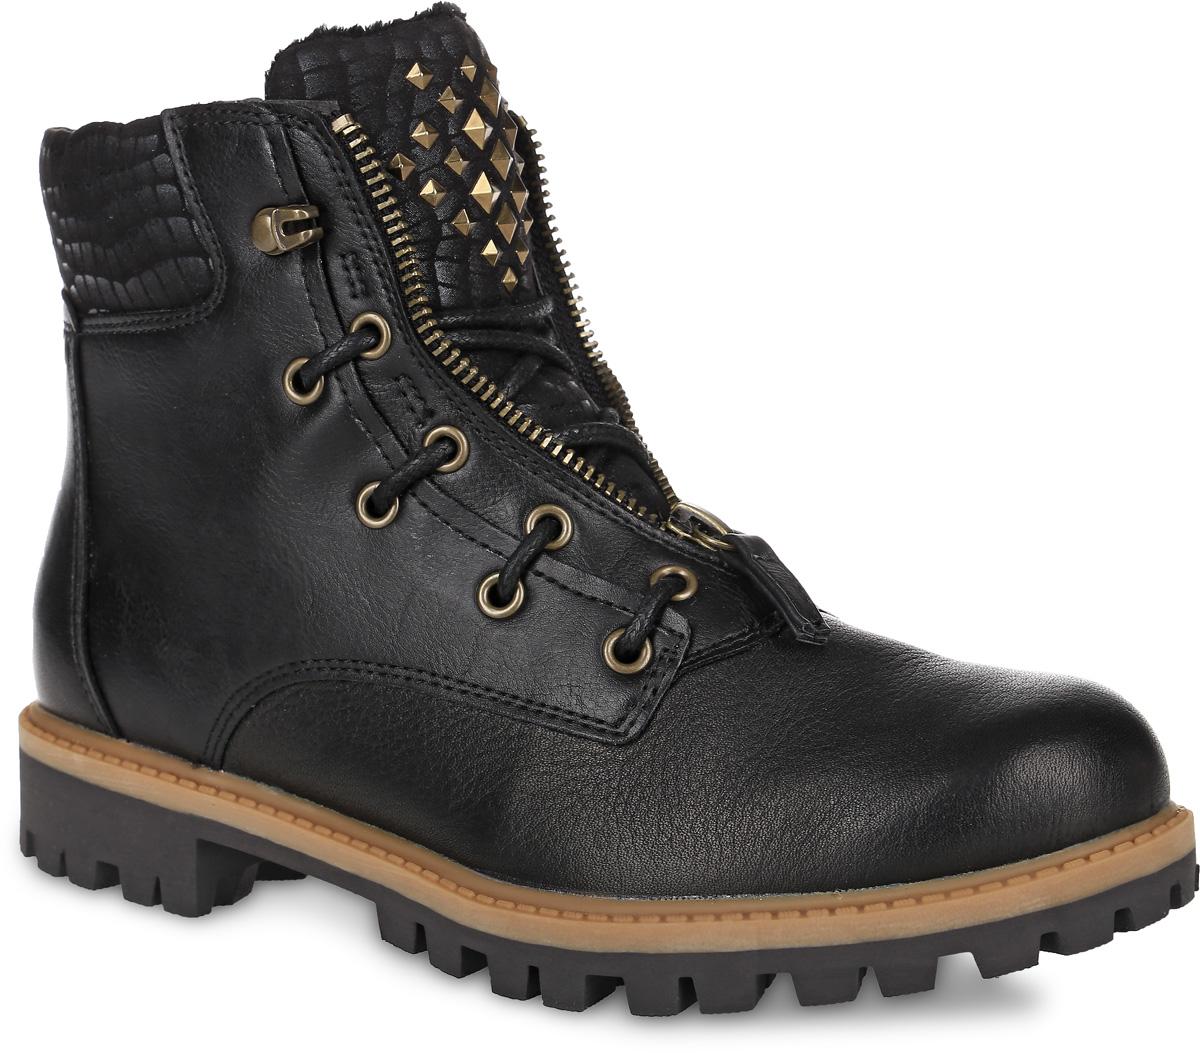 1-25409-27-001Стильные ботинки Tamaris, выполненные из натуральной кожи, придутся вам по душе. Язычок оформлен металлическими плоскими шипами, а вырез - декоративной молнией и шнурками. Внутренняя поверхность и стелька из ворсина отлично сохранят тепло, обеспечат комфорт и уют вашим ногам. Грубая подошва из прочного материала гарантирует длительную носку и сцепление с любой поверхностью. Модные ботинки сделают вас ярче и подчеркнут индивидуальность.